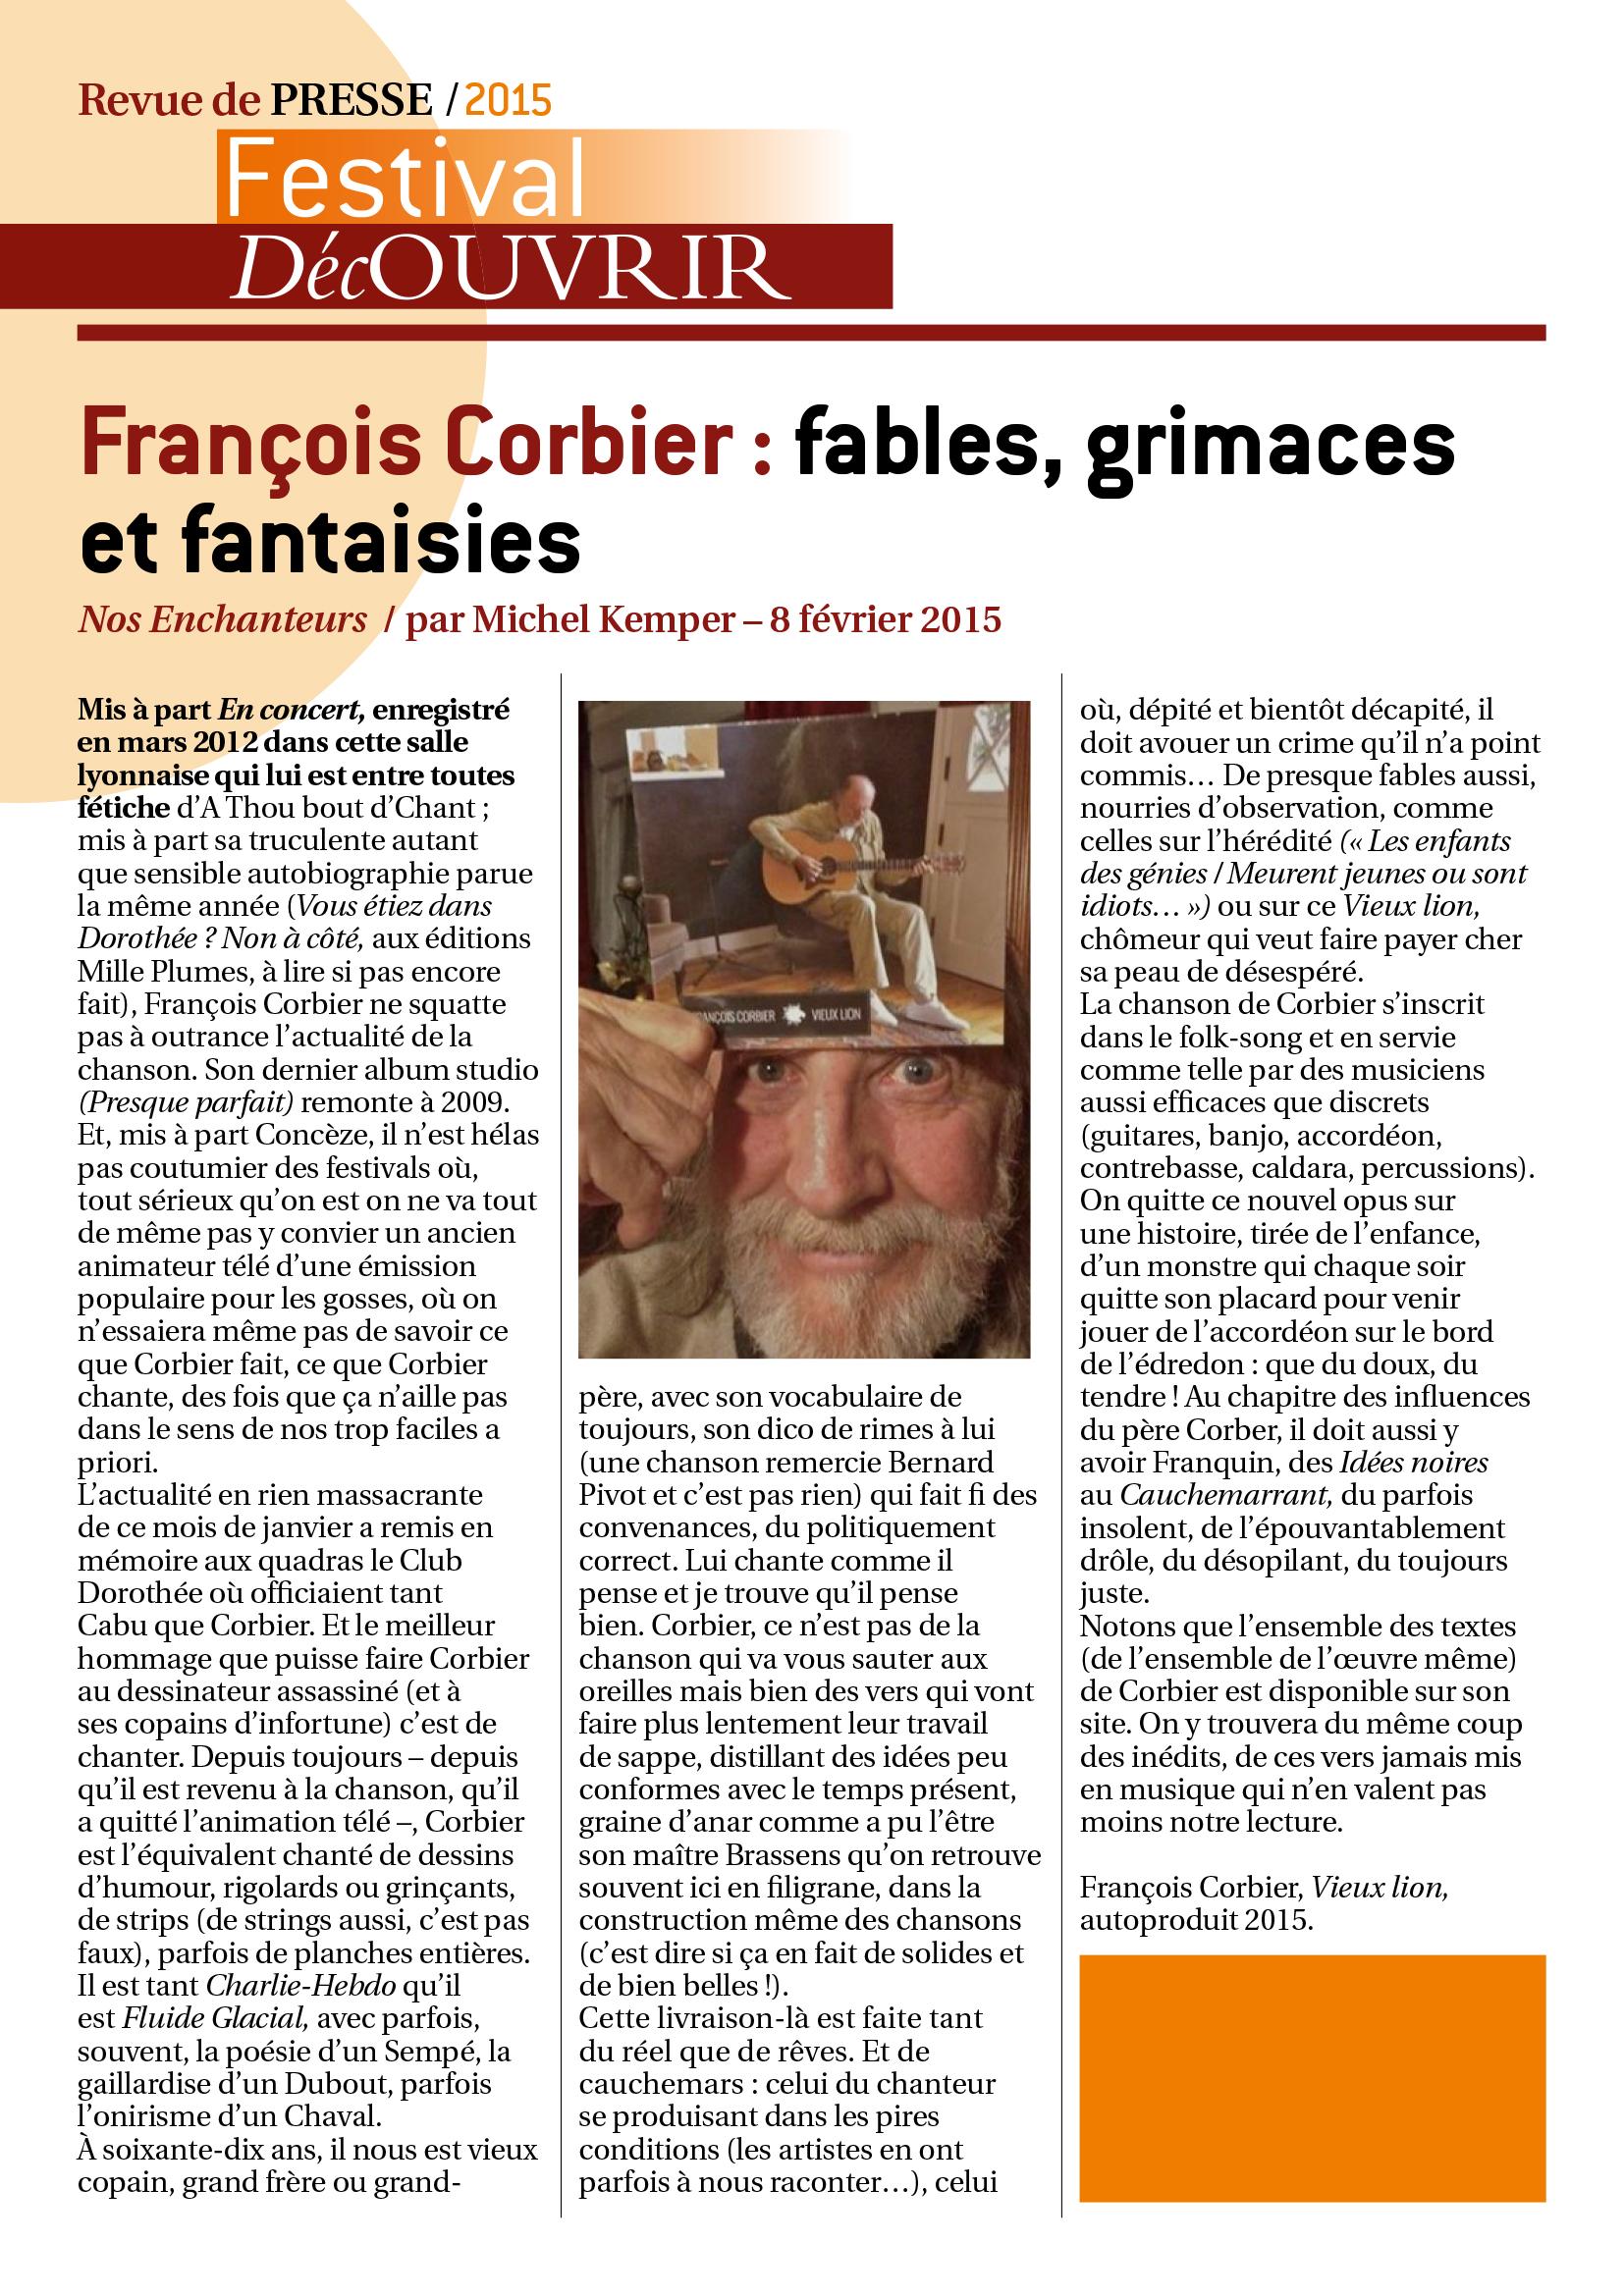 Revue de Presse FDC 2015-2